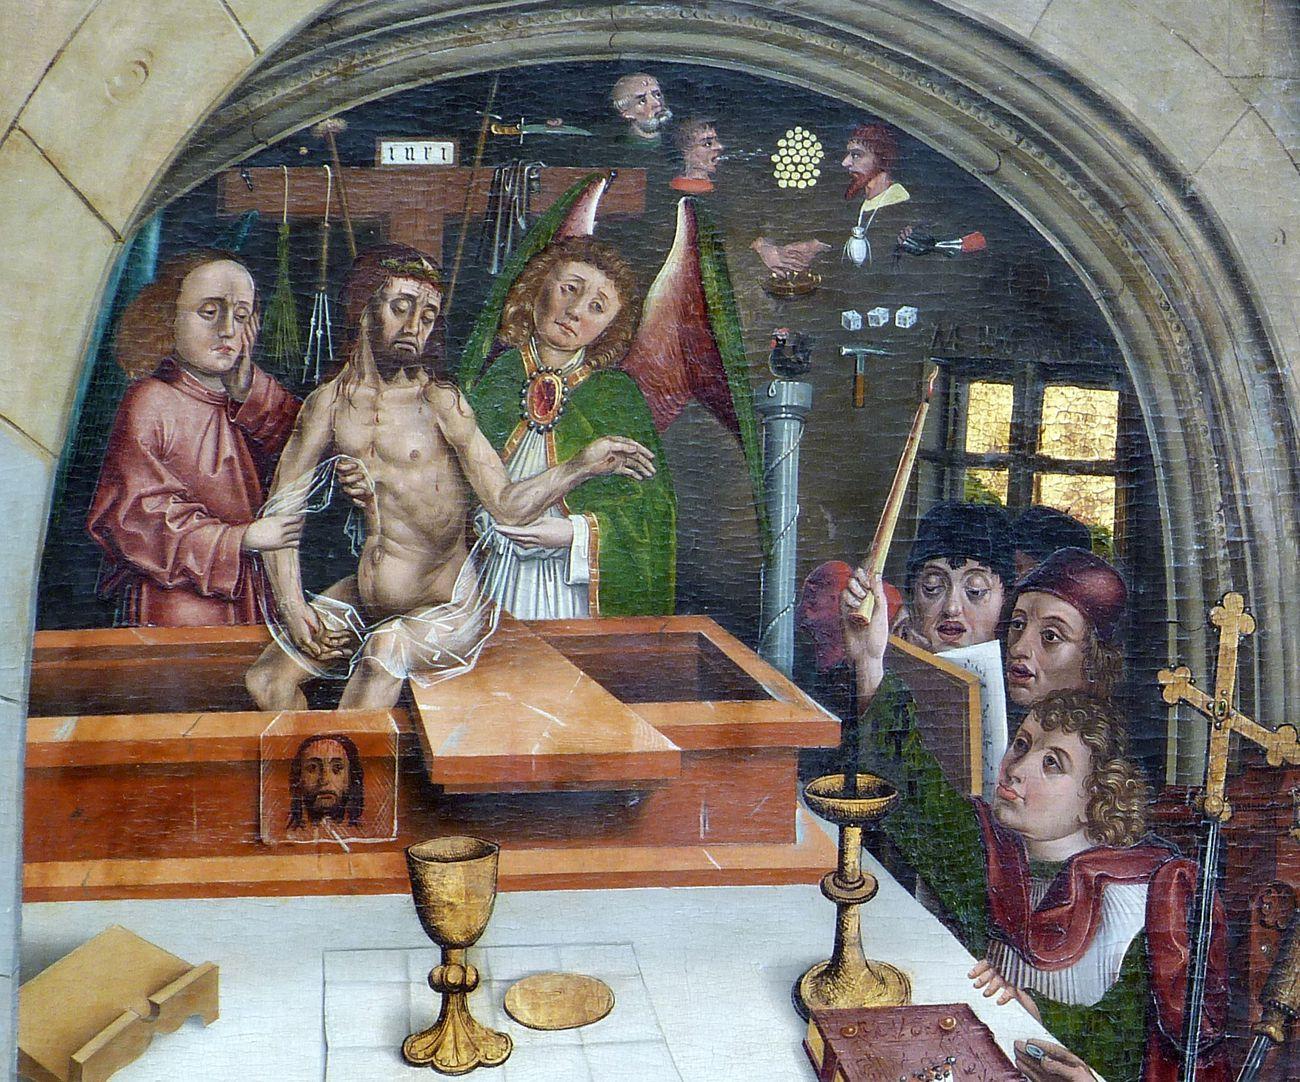 Epitaph des Hans Mayer (gest. 21.8.1473) und Ehefrau Kunigunde, geborene Sternecker (gest. 23.3.1450) Christus erscheint aus dem Grab, von Engeln gehalten